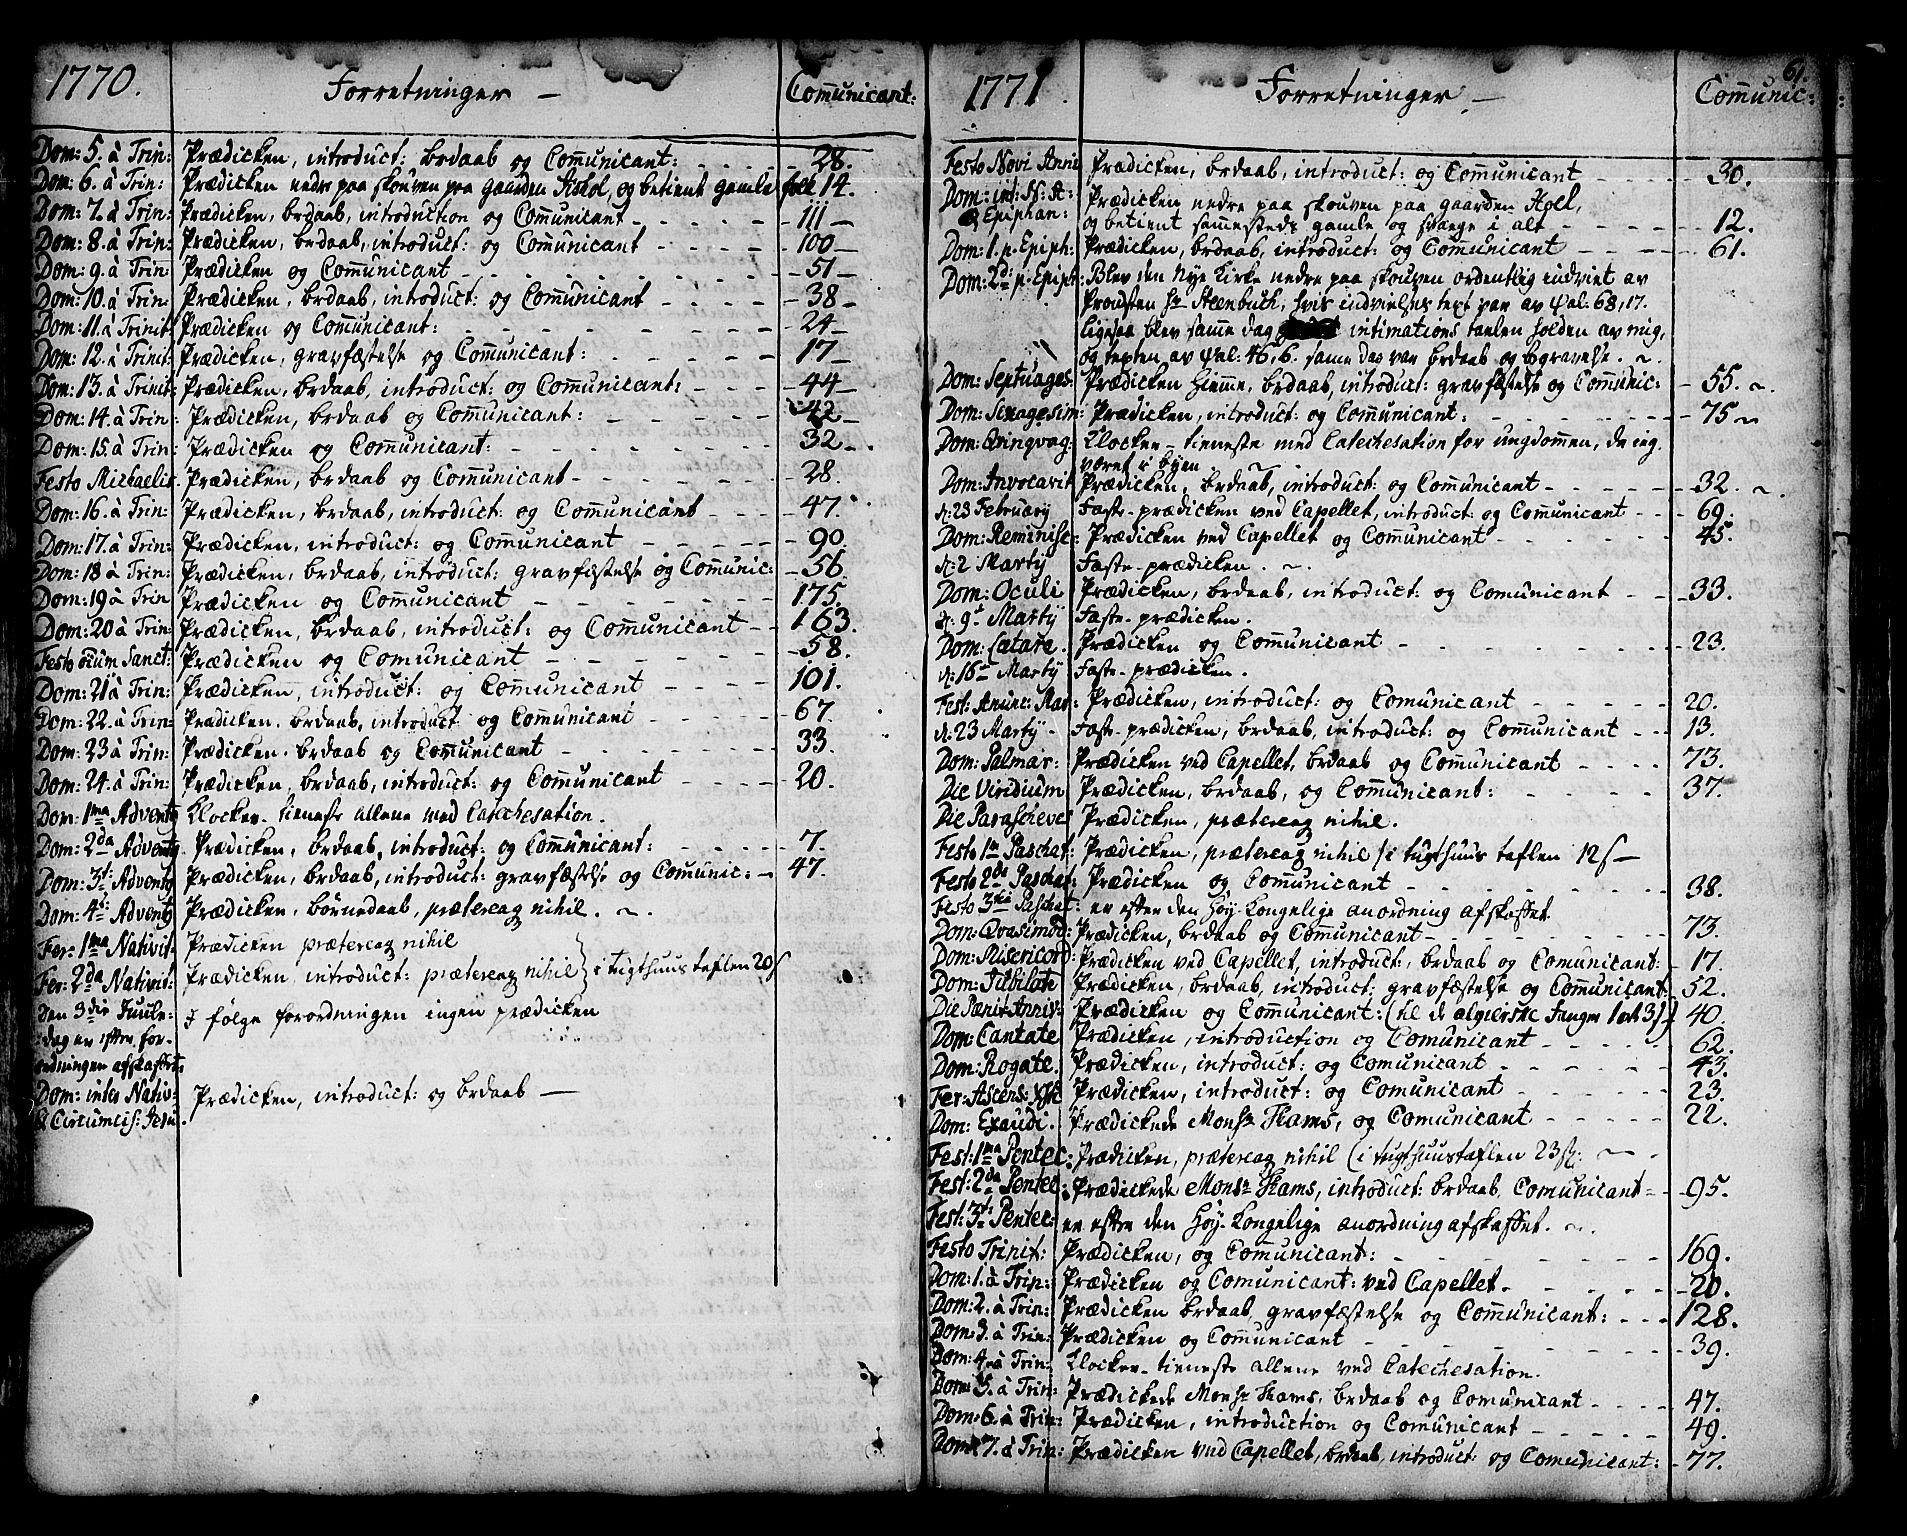 SAT, Ministerialprotokoller, klokkerbøker og fødselsregistre - Sør-Trøndelag, 678/L0891: Ministerialbok nr. 678A01, 1739-1780, s. 61